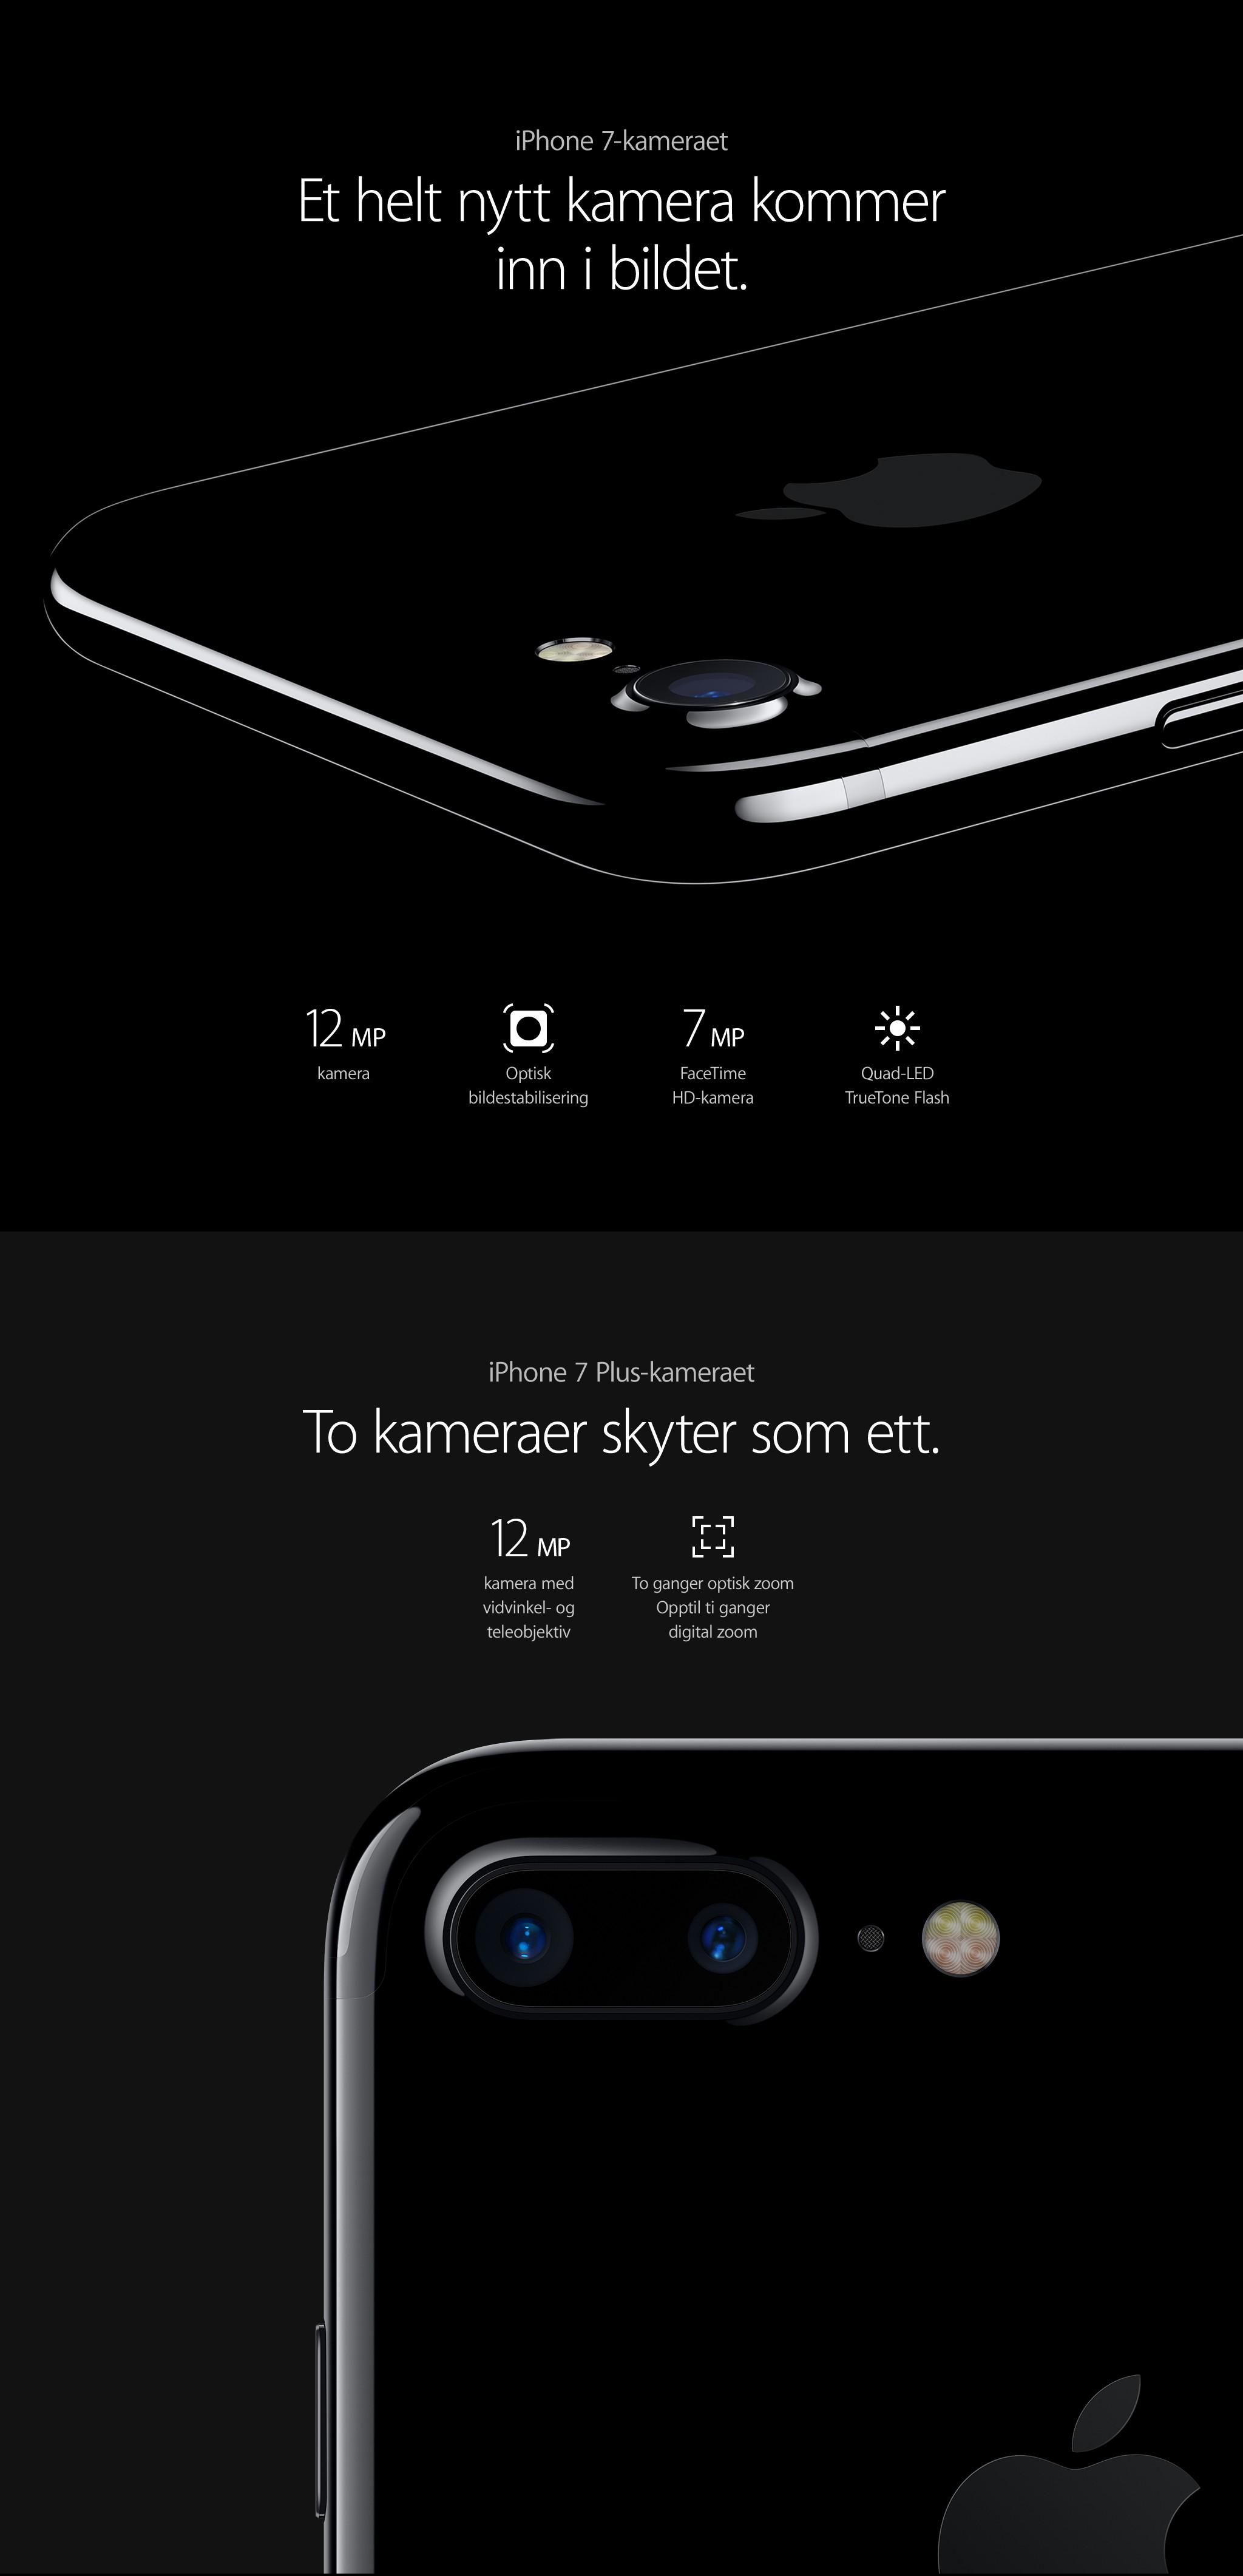 iPhone 7 og iPhone 7 Plus - to kameraer som fanger alt